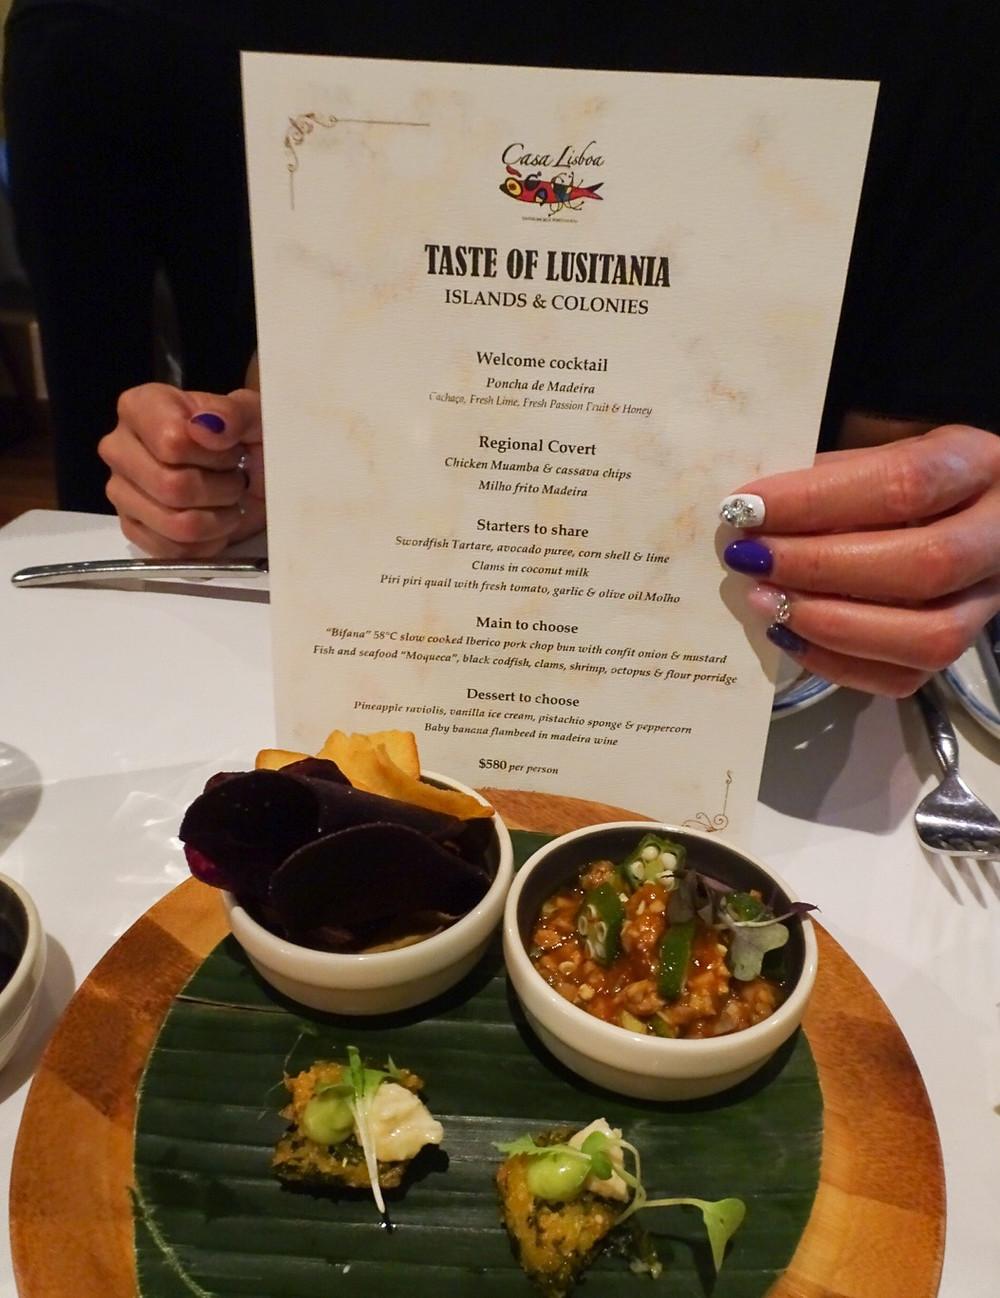 Casa Lisboa restaurant in Hong Kong